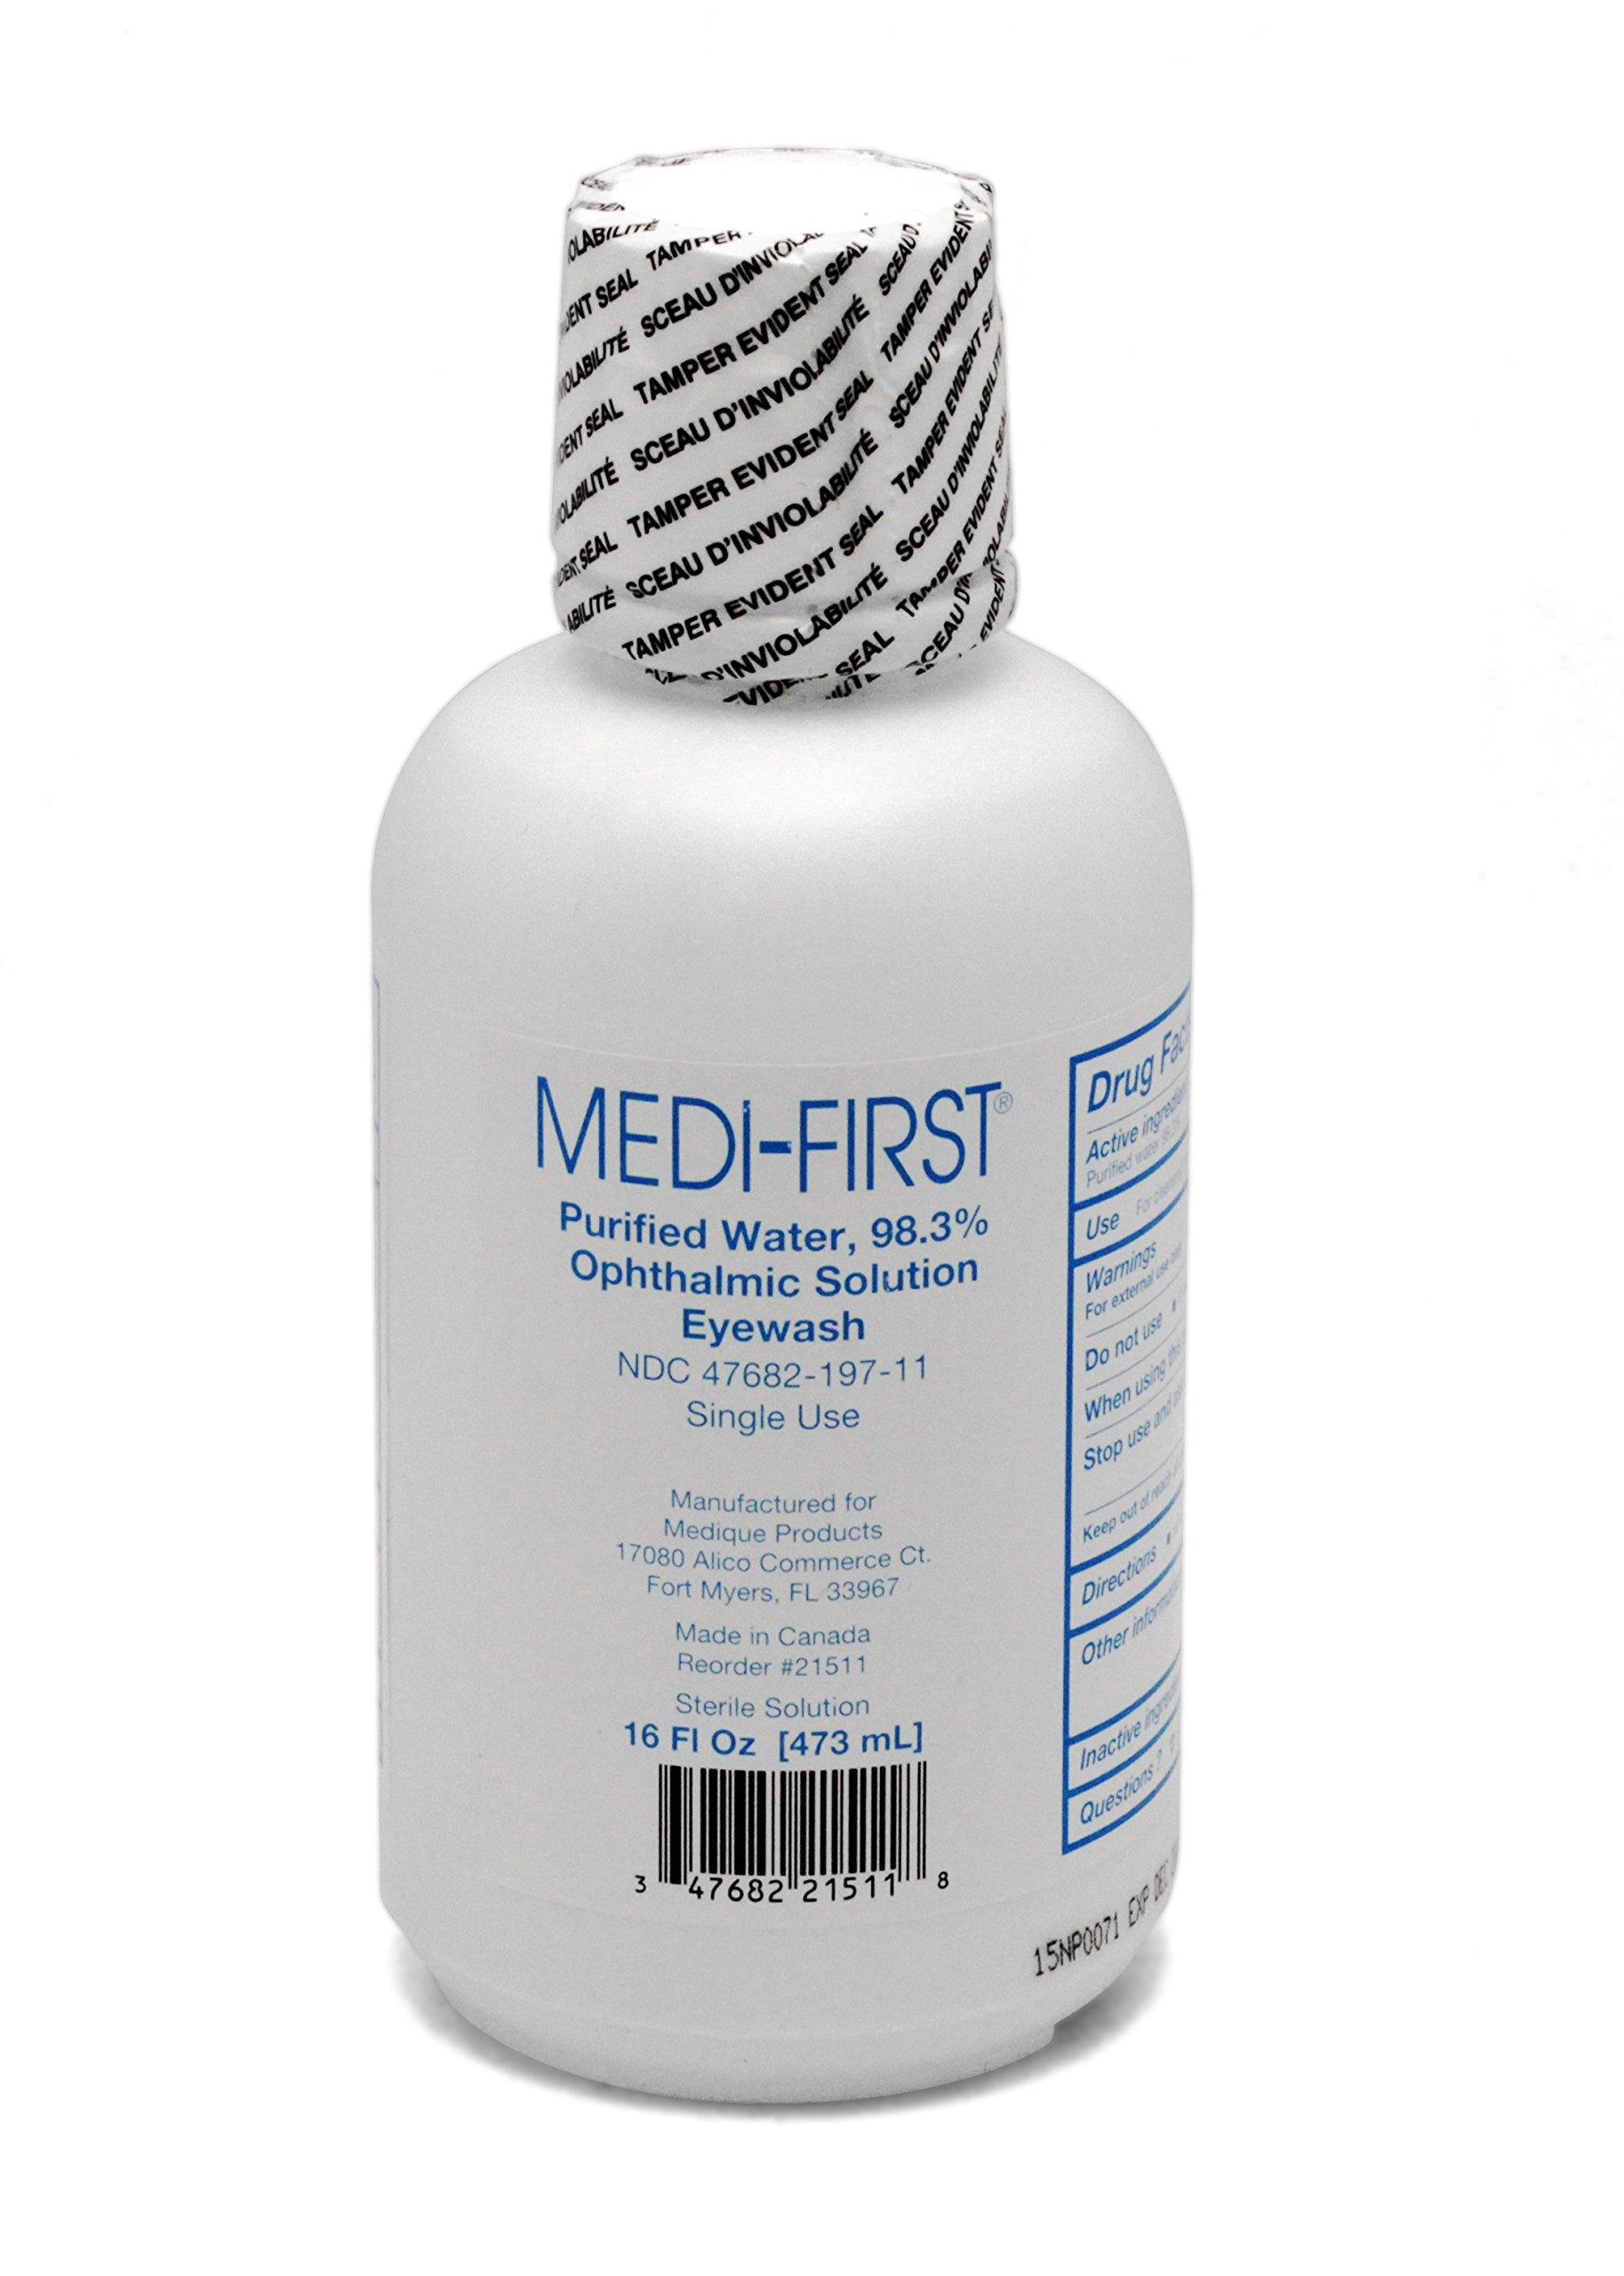 Eye Care - 16 Ounce Emergency Eye-Wash Bottle by Medique - MS55821 (1 Bottle)